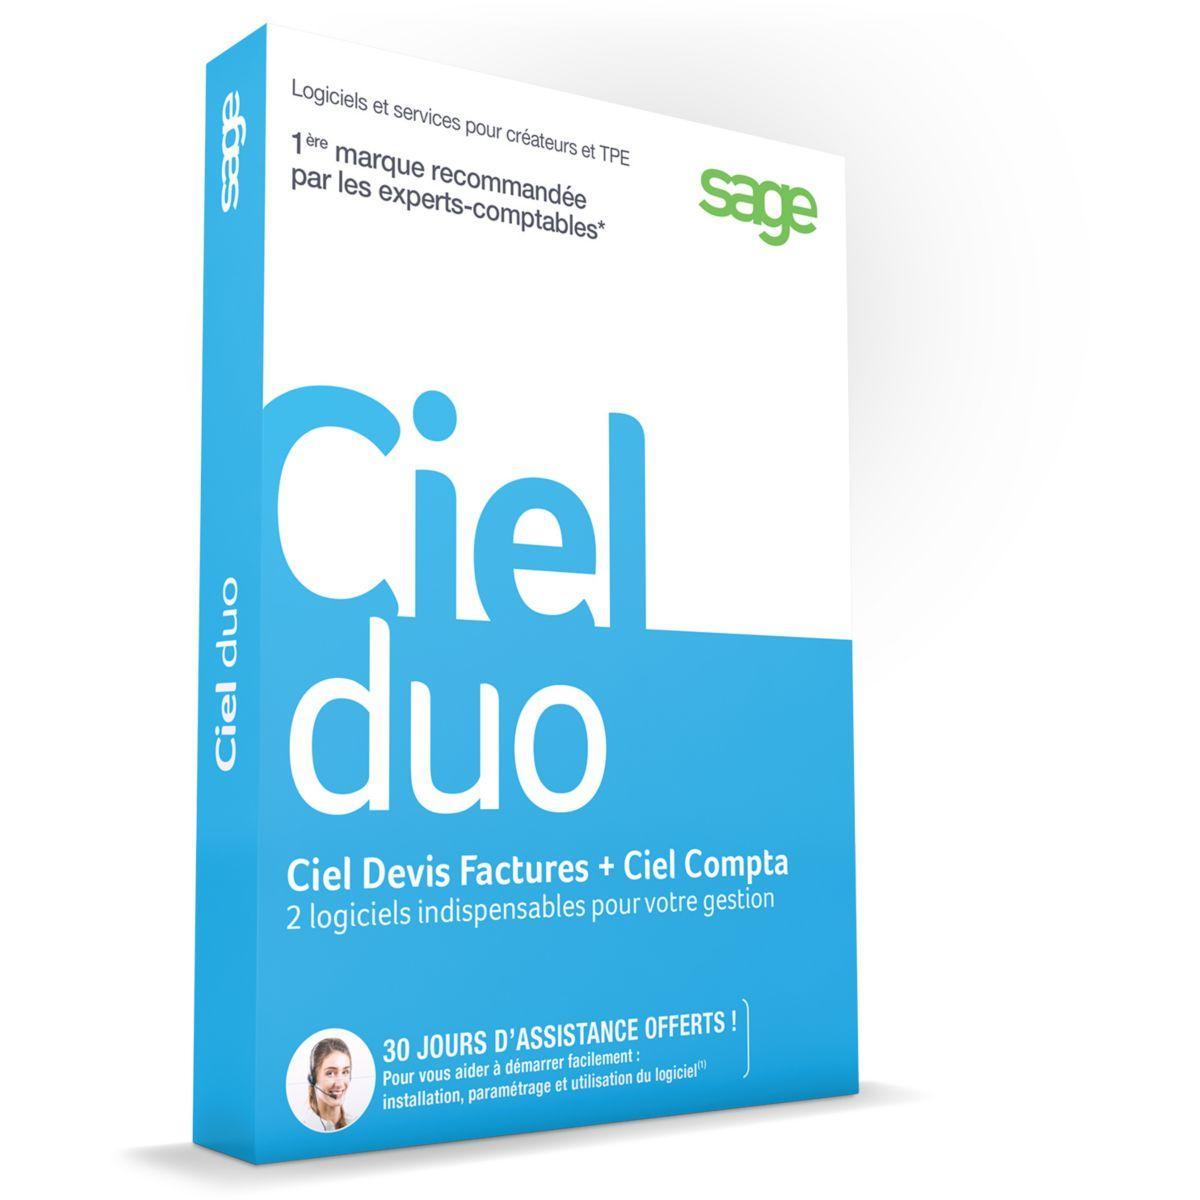 Logiciel pc ciel duo (compta + devis facture) - 2% de remise immédiate avec le code : cash2 (photo)